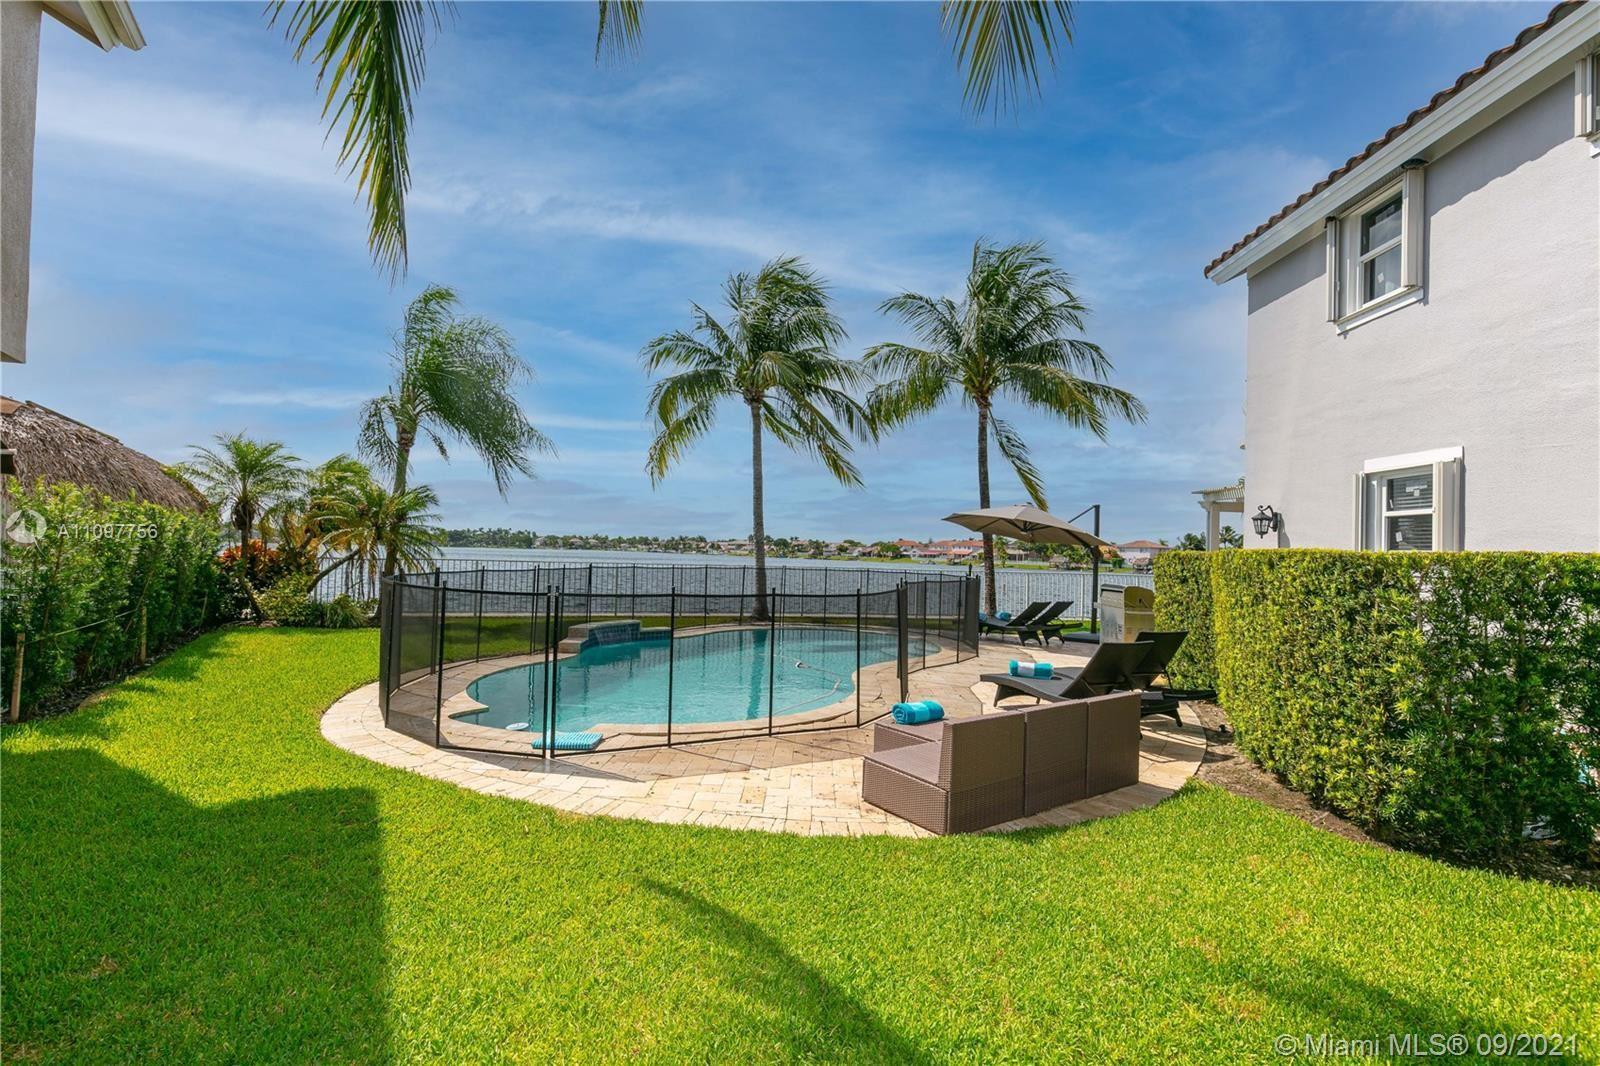 14729 SW 132nd Pl, Miami, FL 33186 - #: A11097756